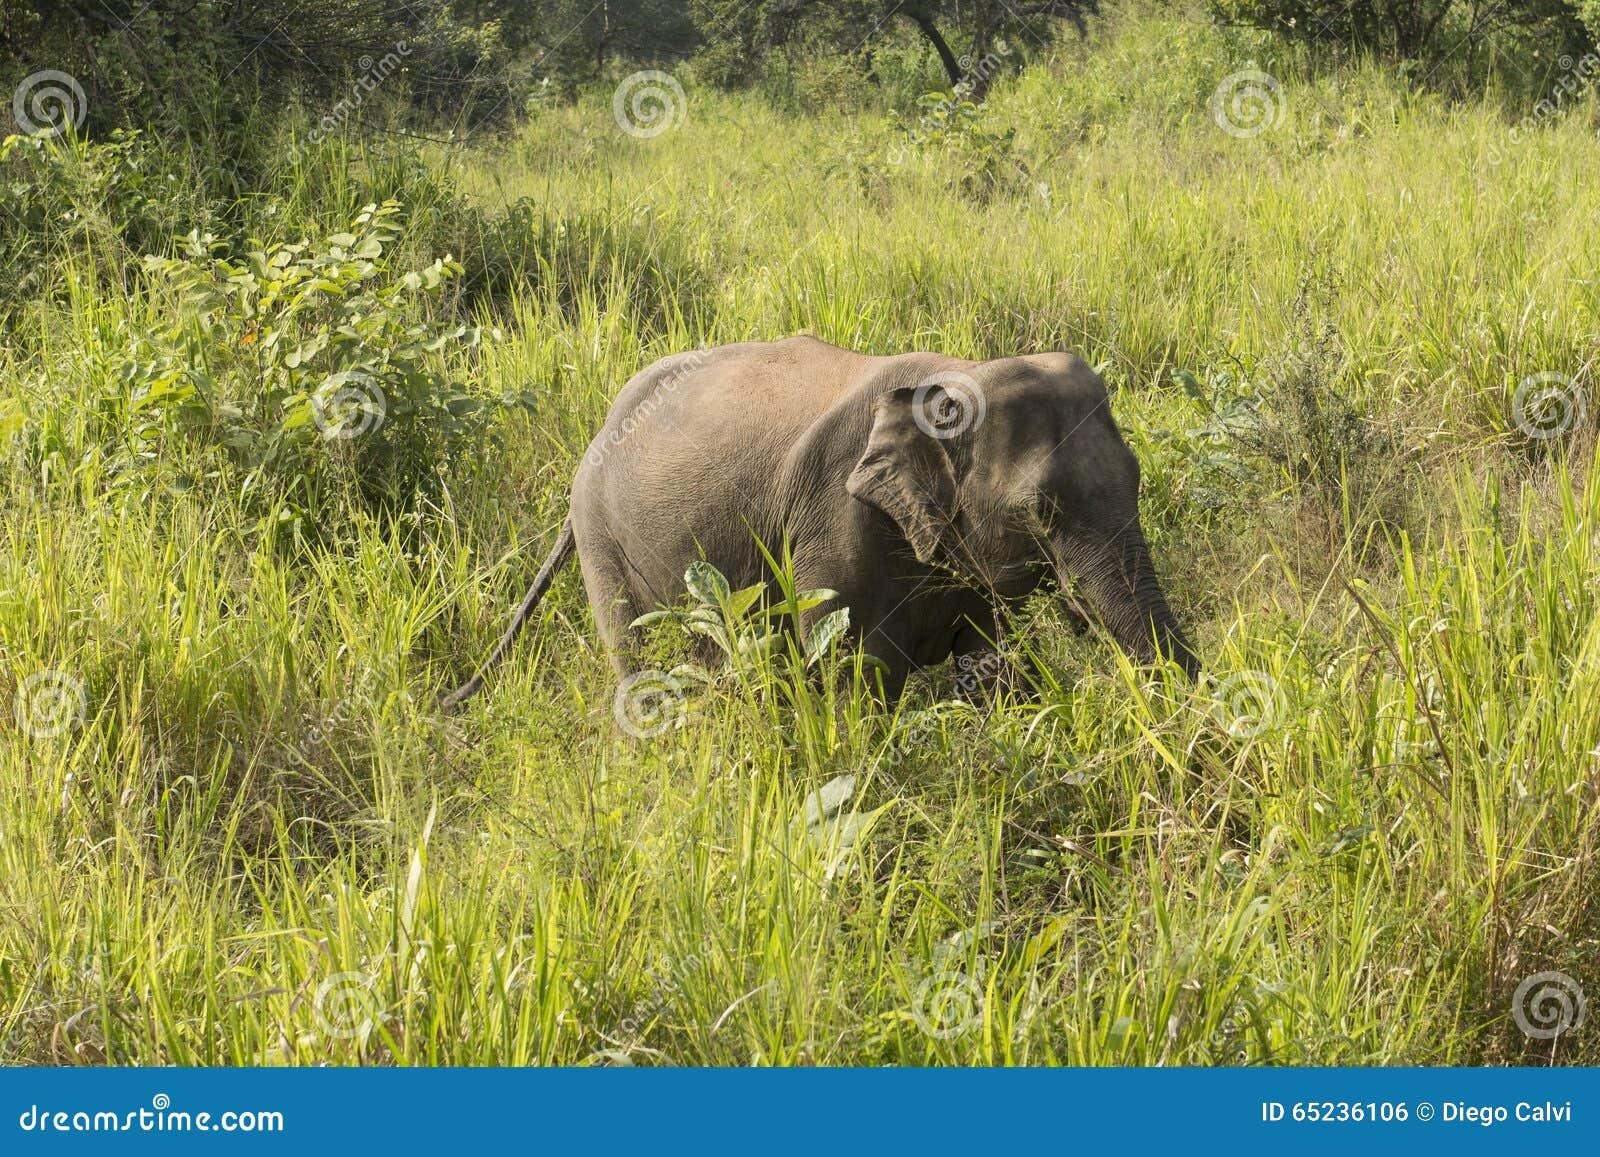 Elephant Safari in Polonnaruwa, Sri Lanka.